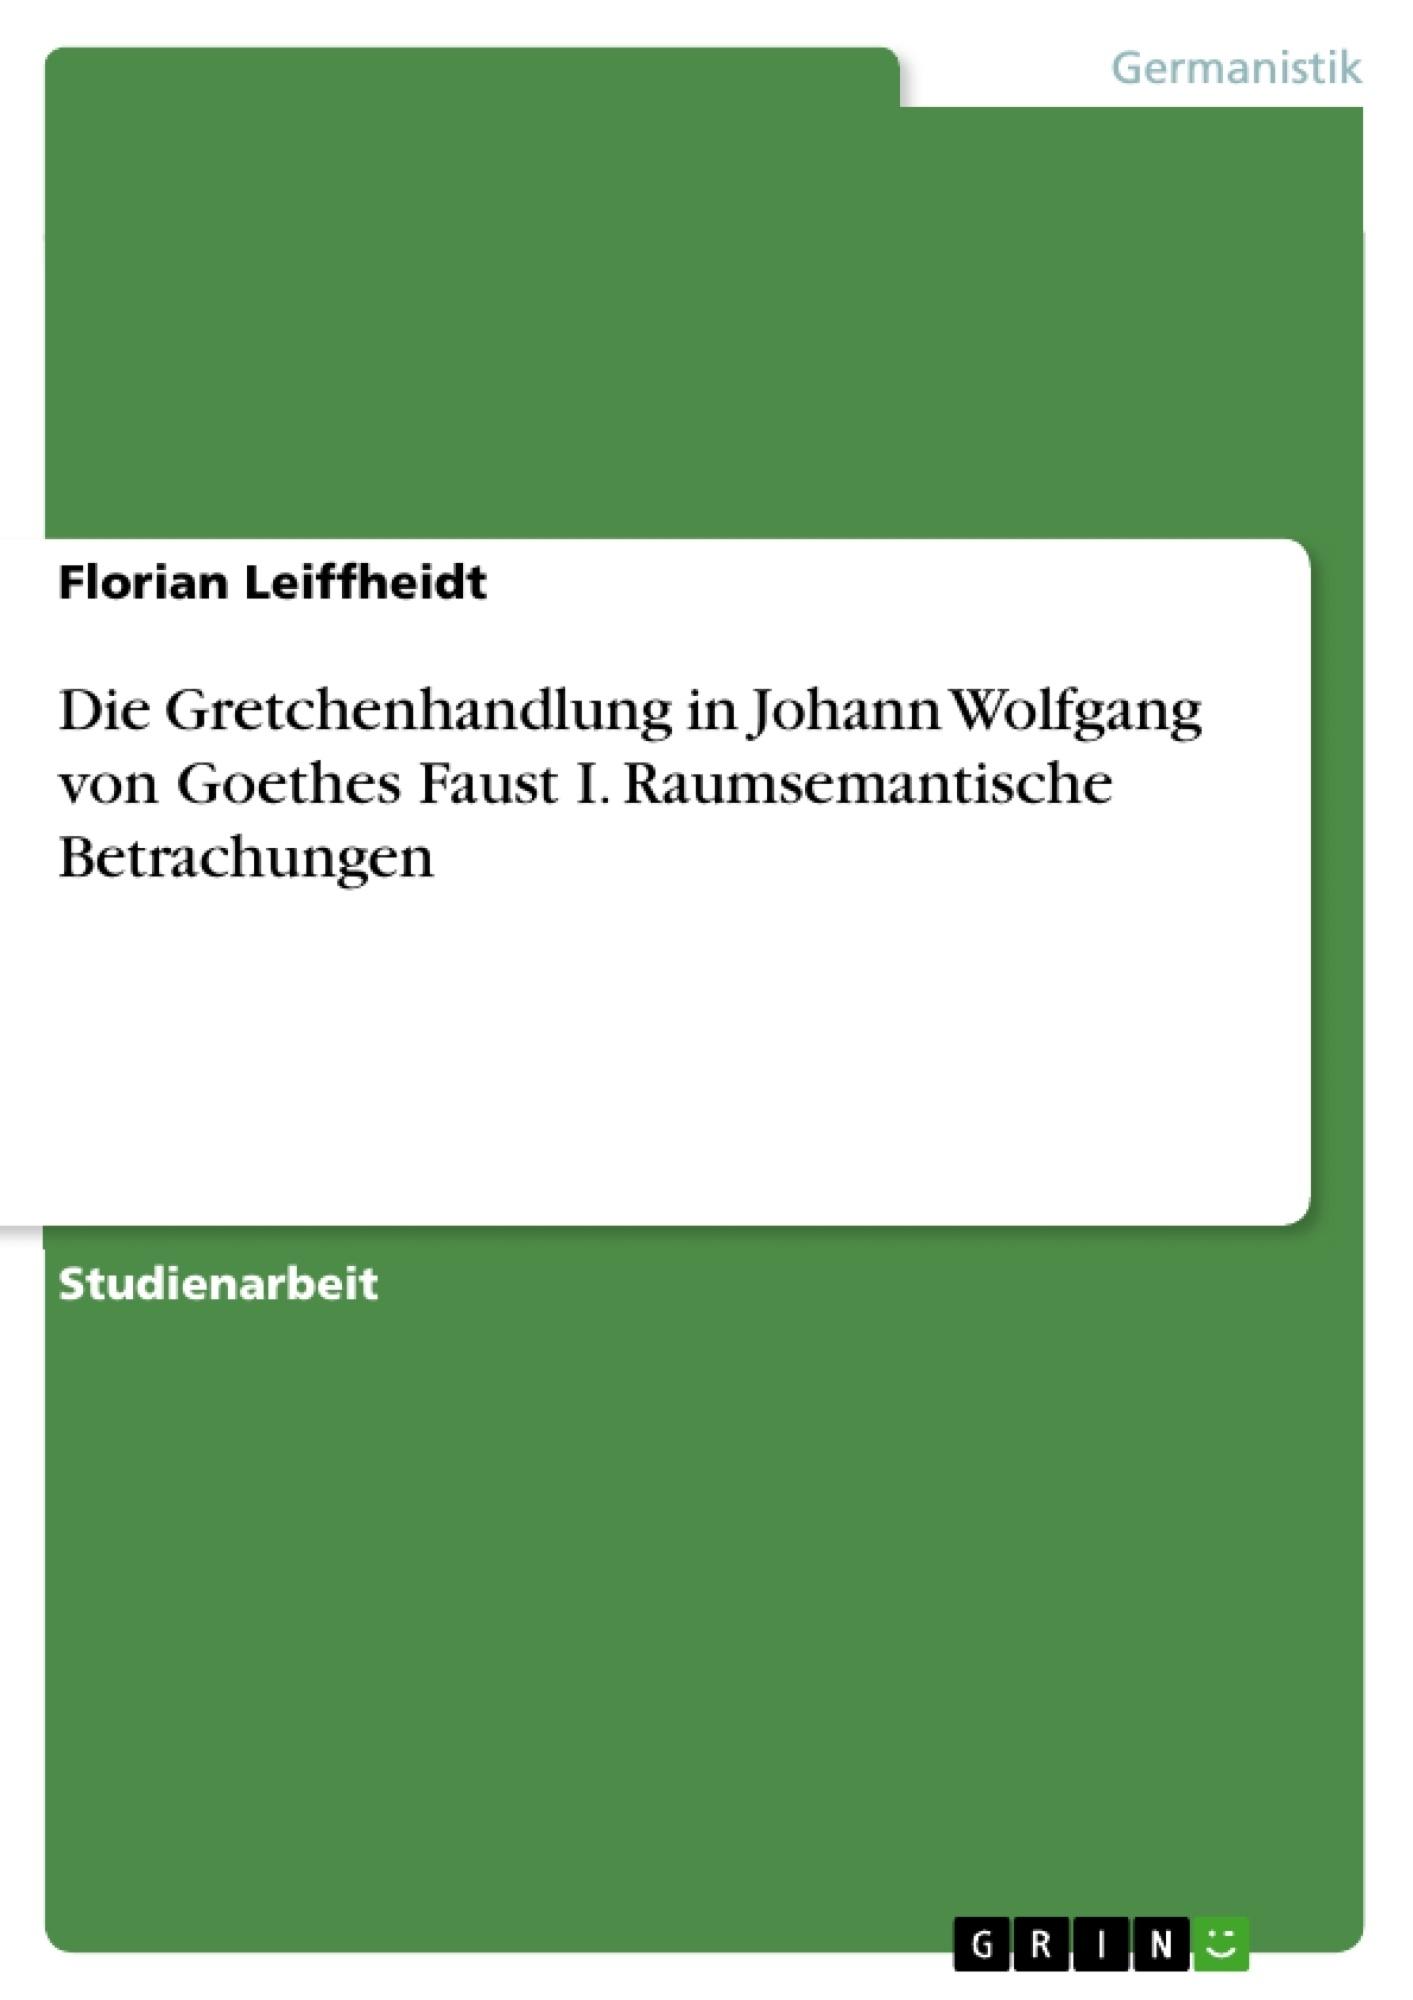 Titel: Die Gretchenhandlung in Johann Wolfgang von Goethes Faust I. Raumsemantische Betrachungen